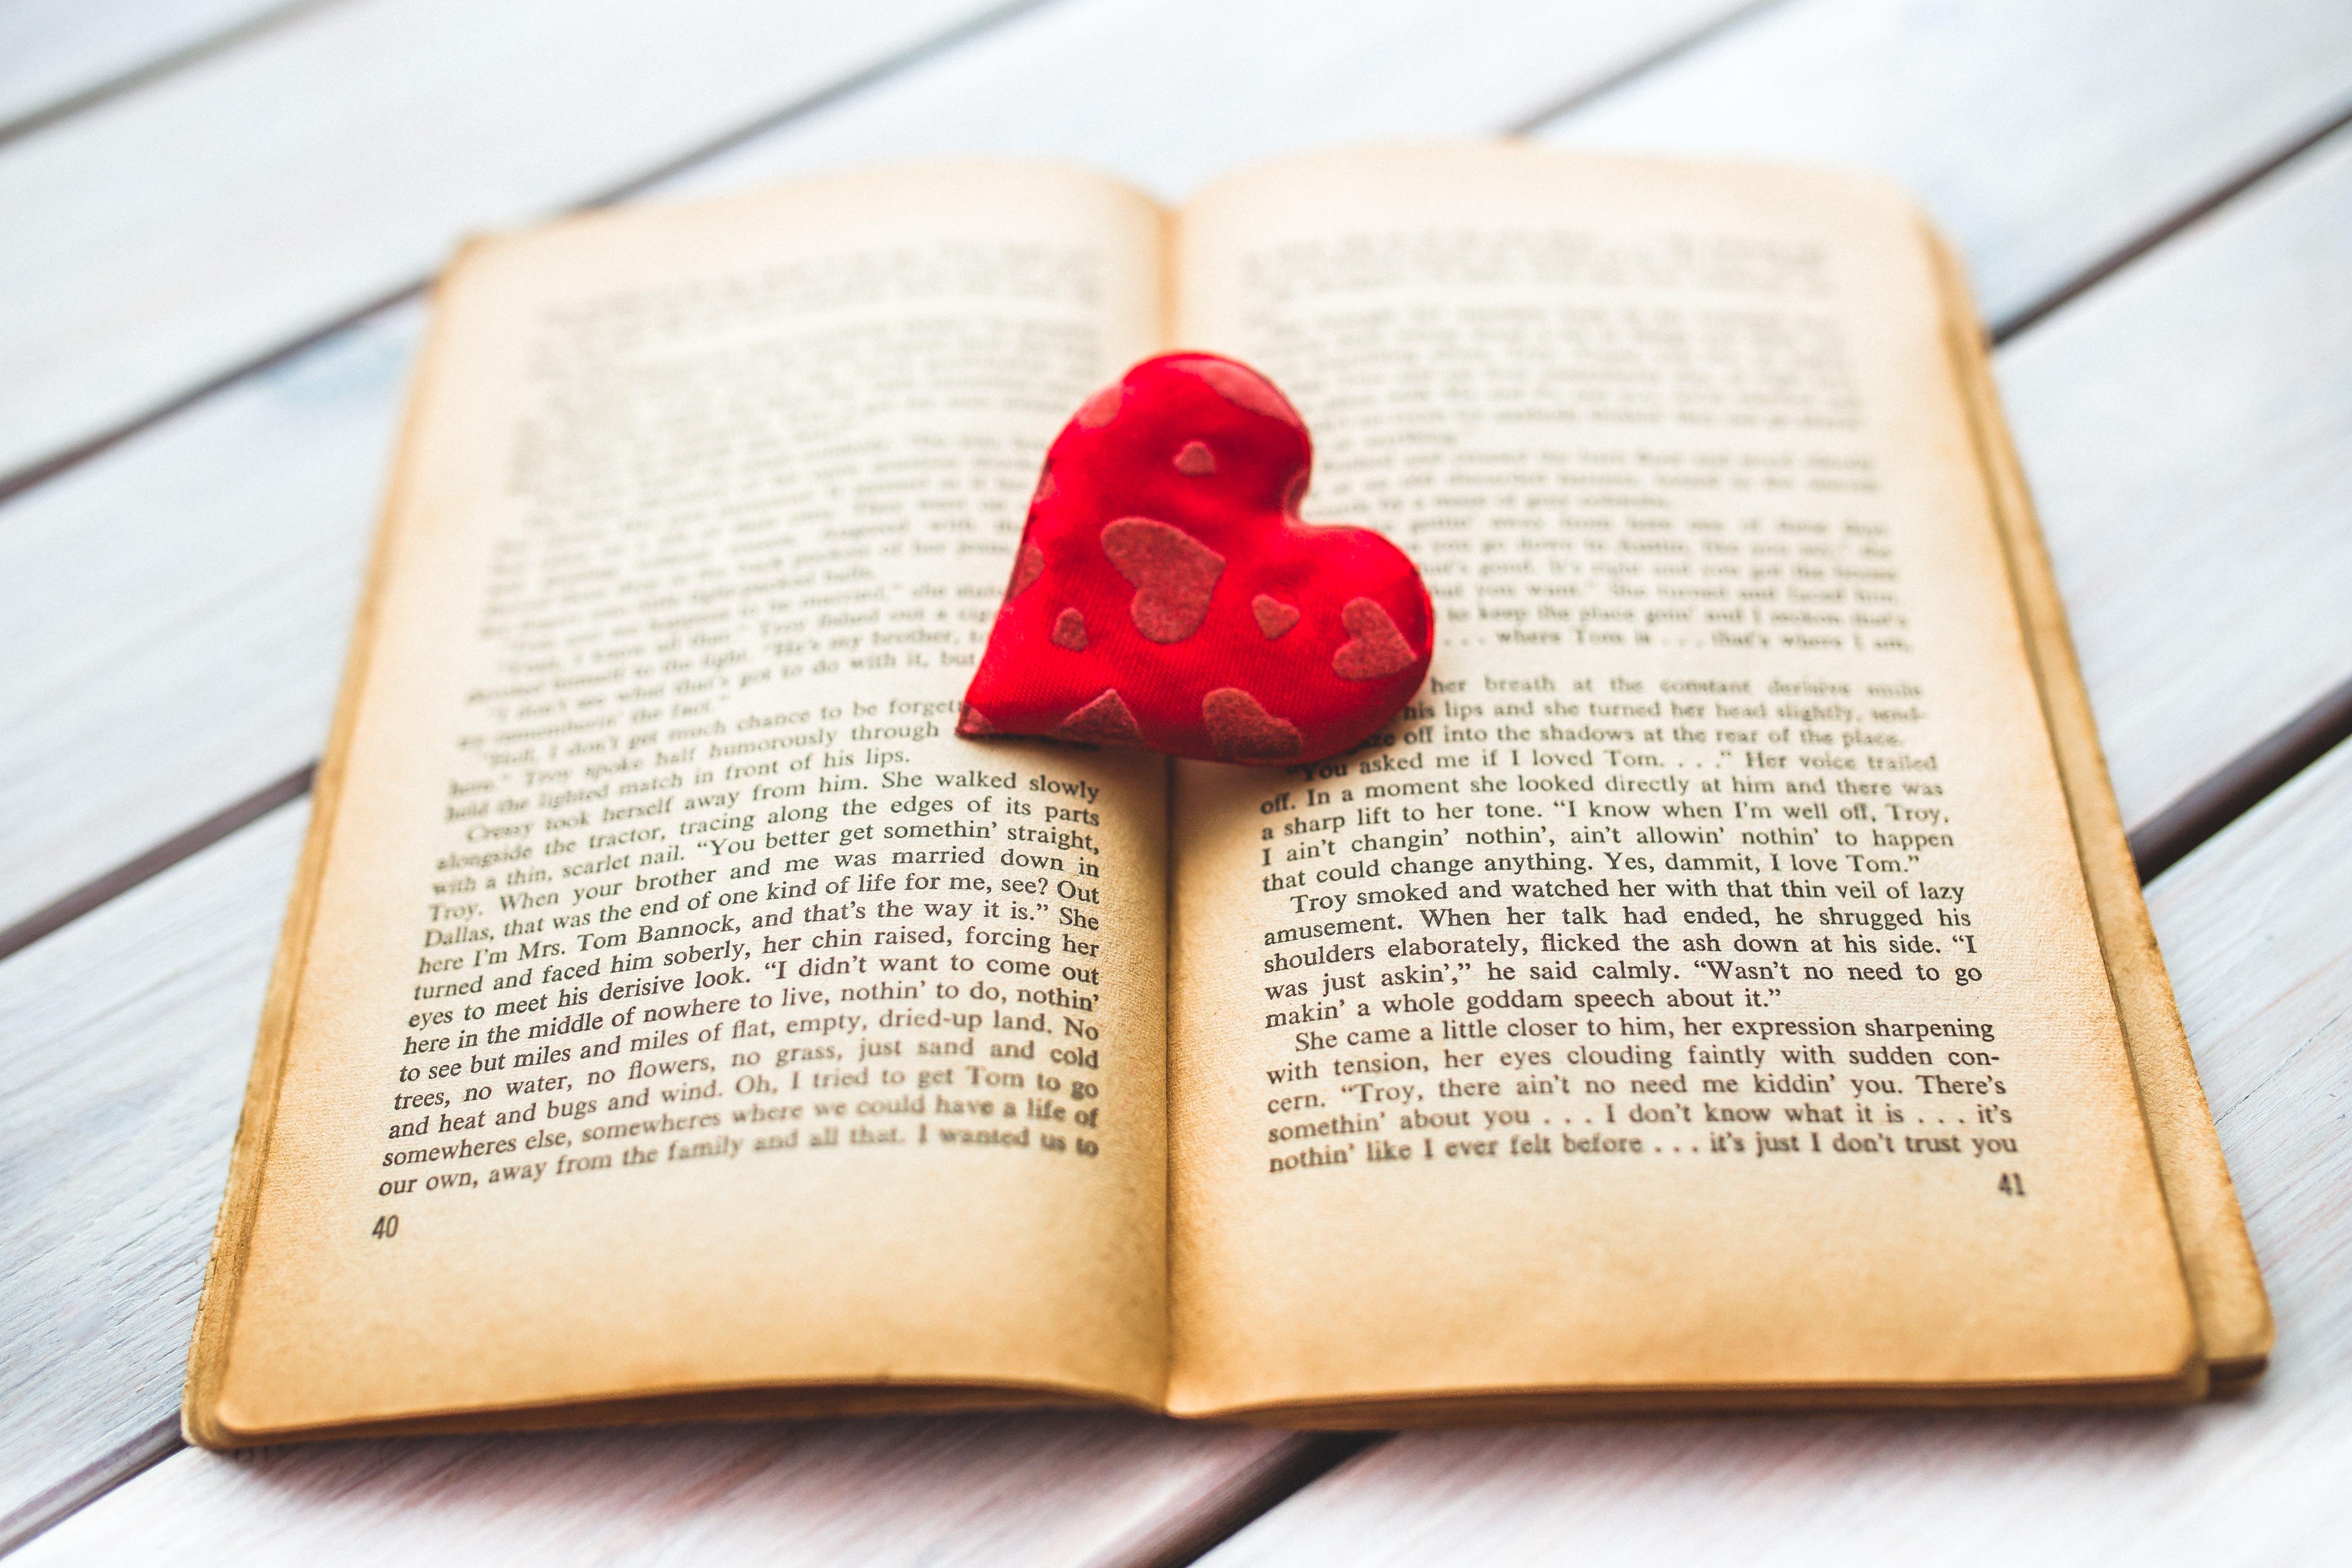 årgang, hjerte, Kærlighed